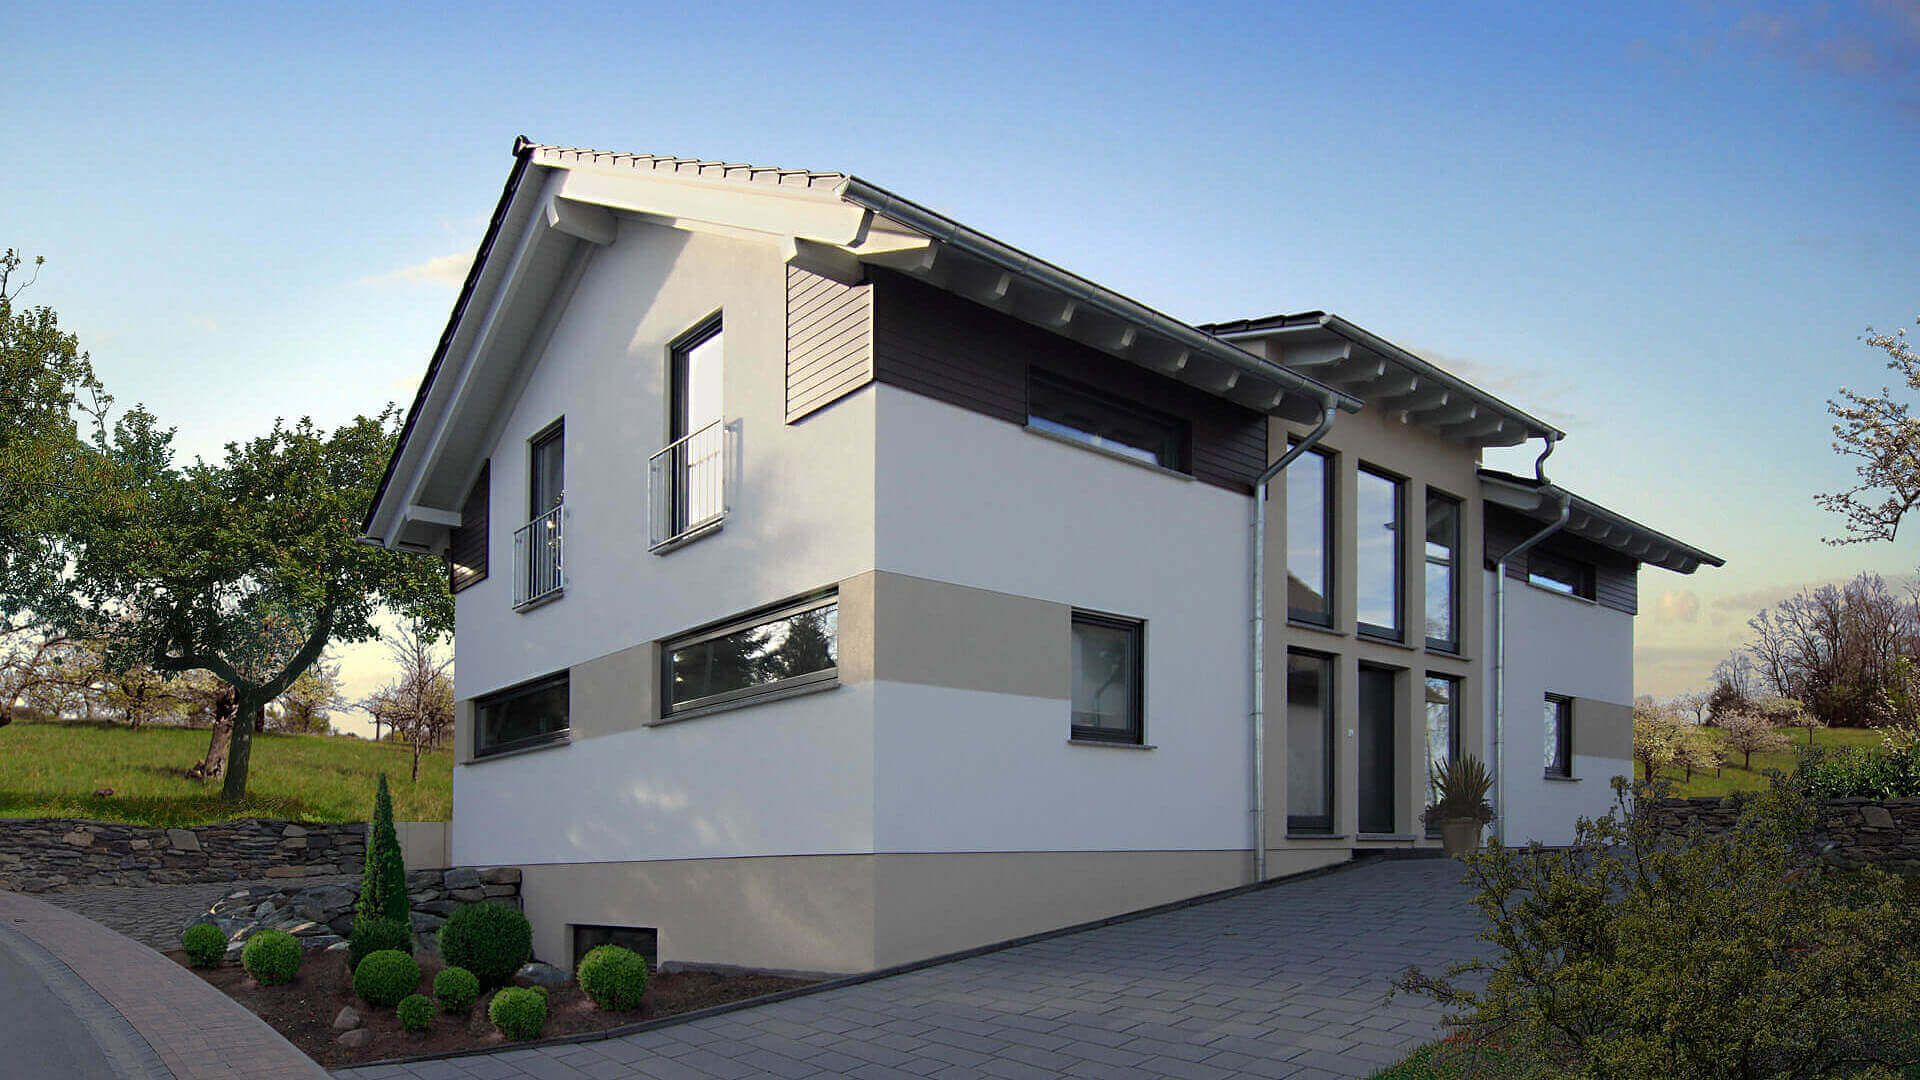 Moderne Satteldachhäuser satteldachhäuser r 104 10 fingerhuthaus de fassadengestaltung